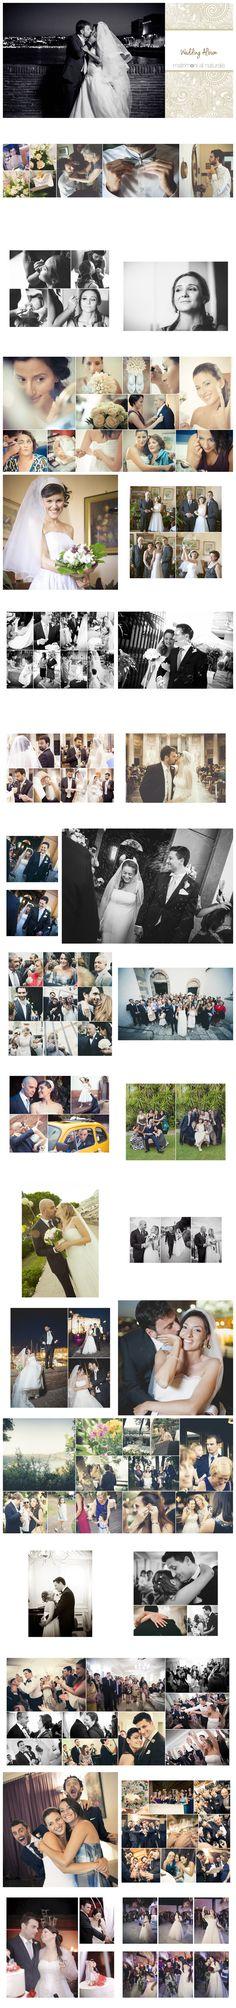 Wedding album design, album di matrimonio, fotolibro